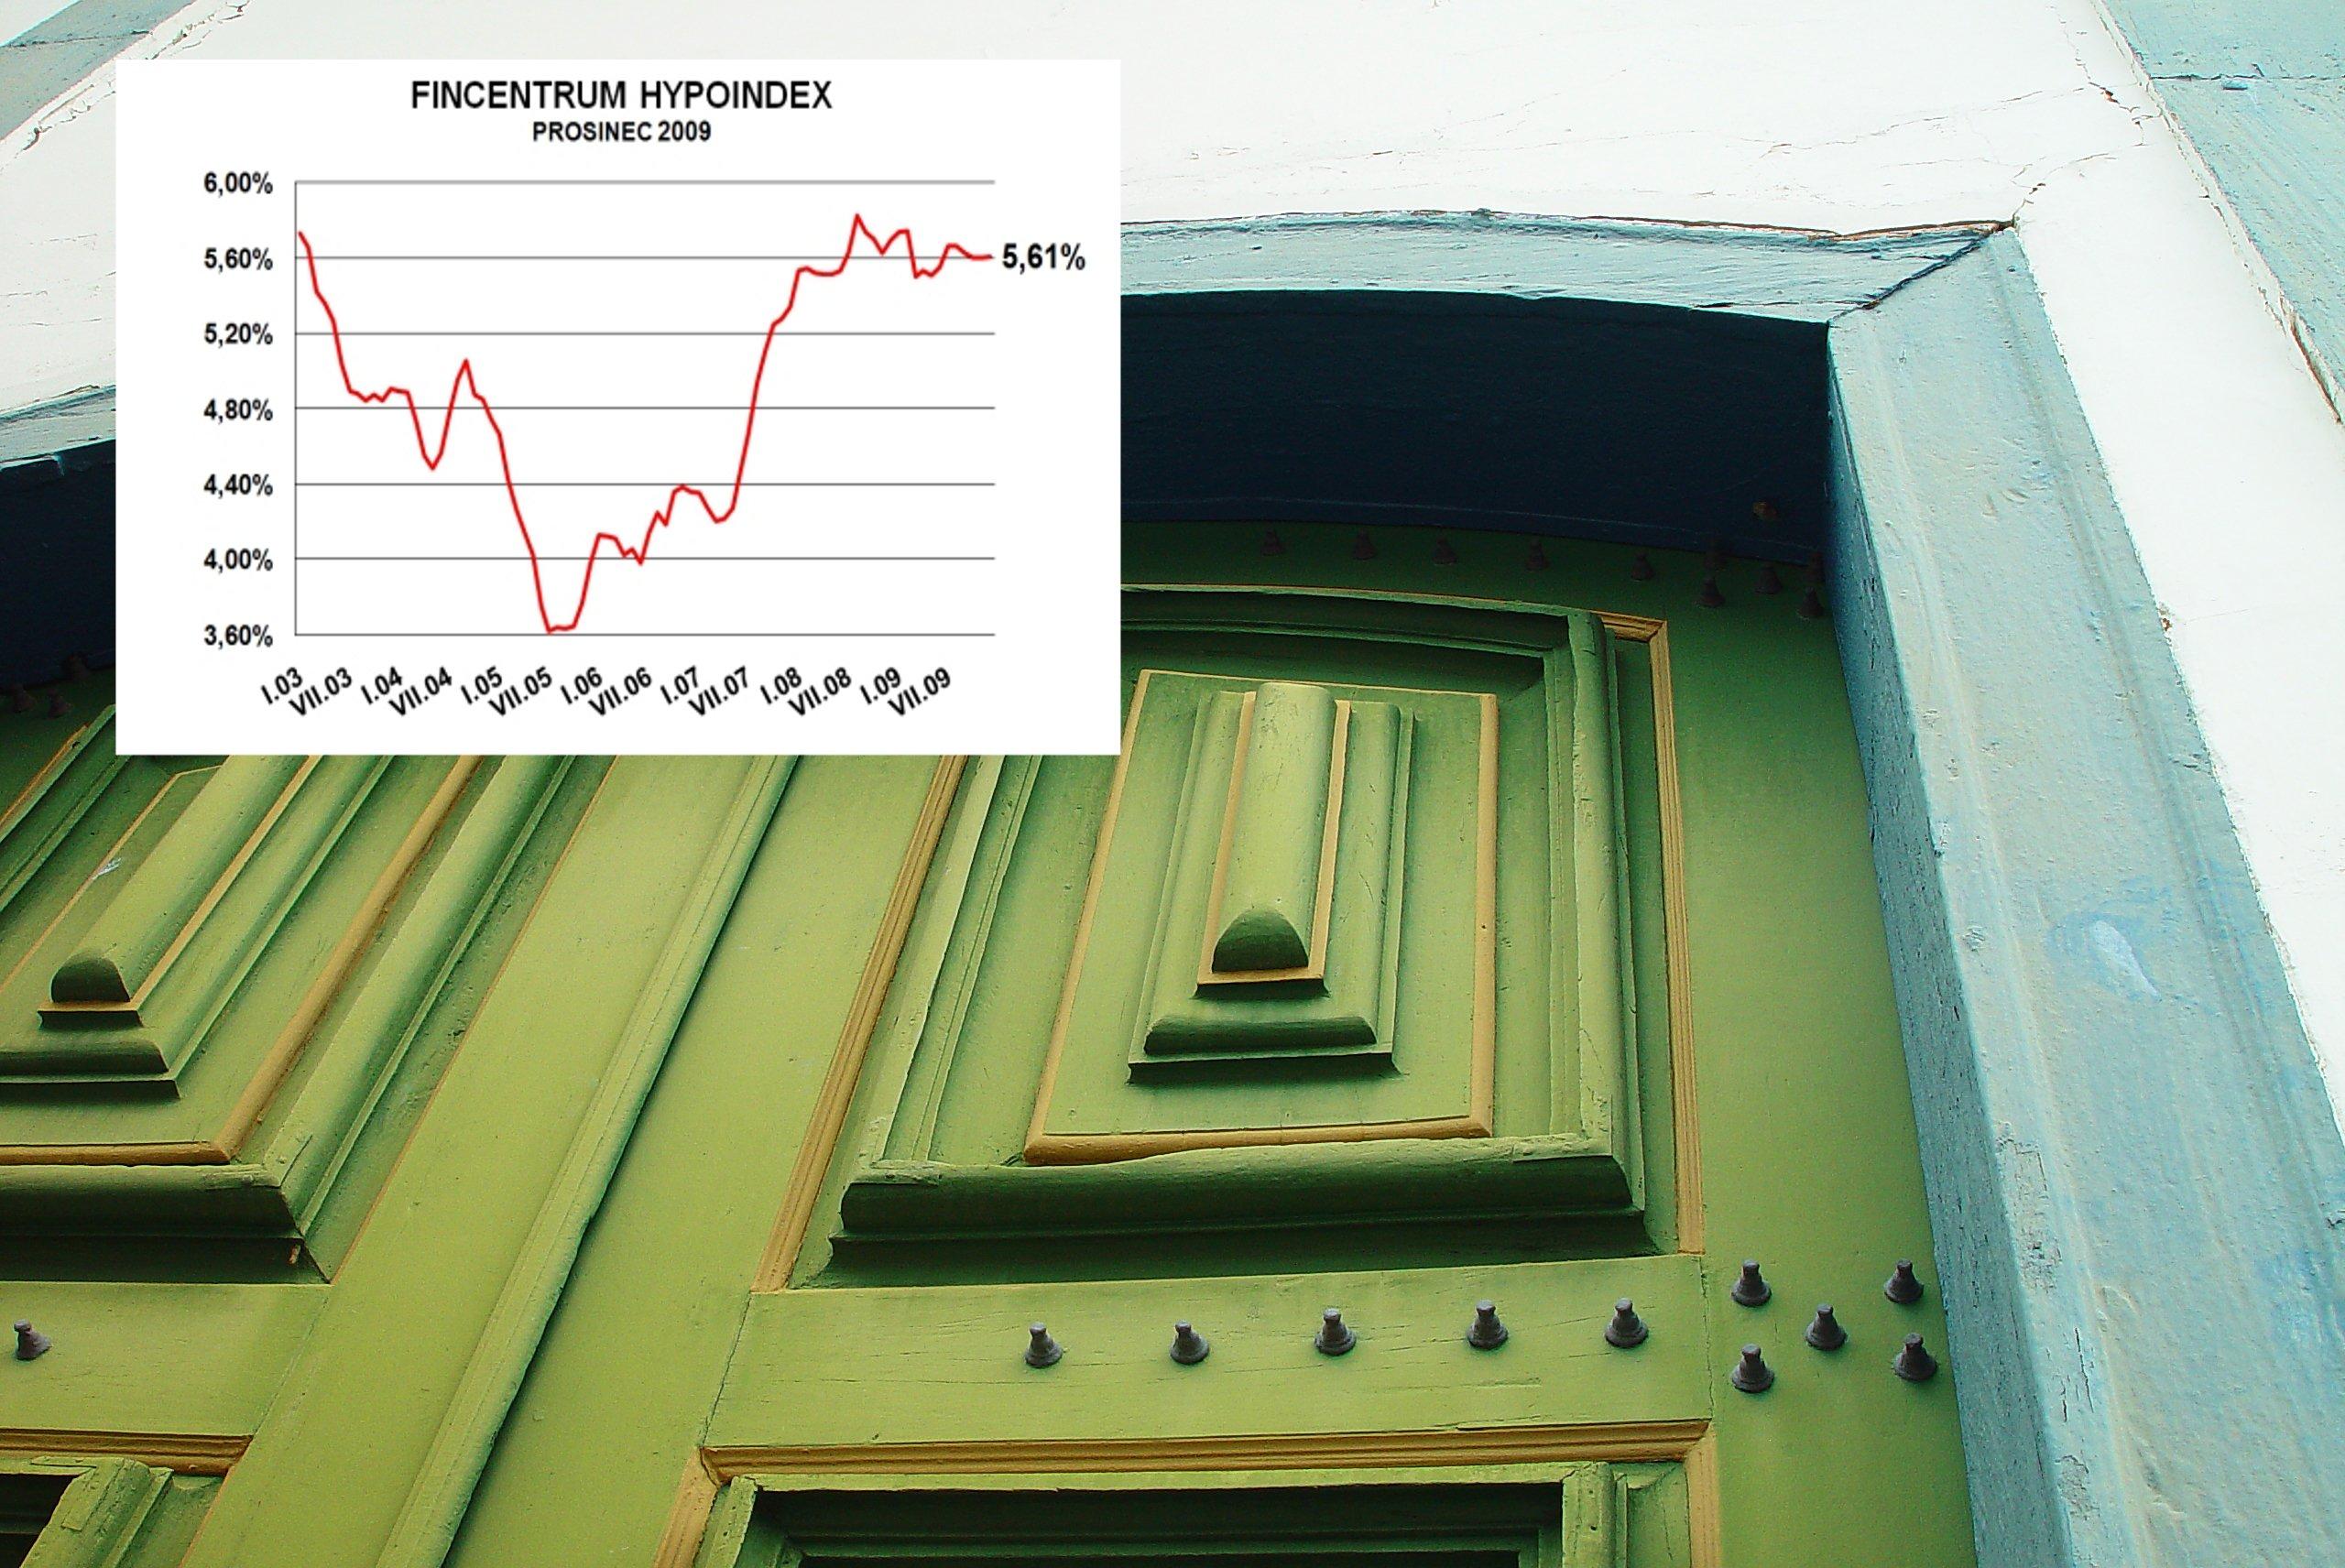 Hypoindex prosinec 2009: Banky loni poskytly hypotéky za 74,4 miliardy korun